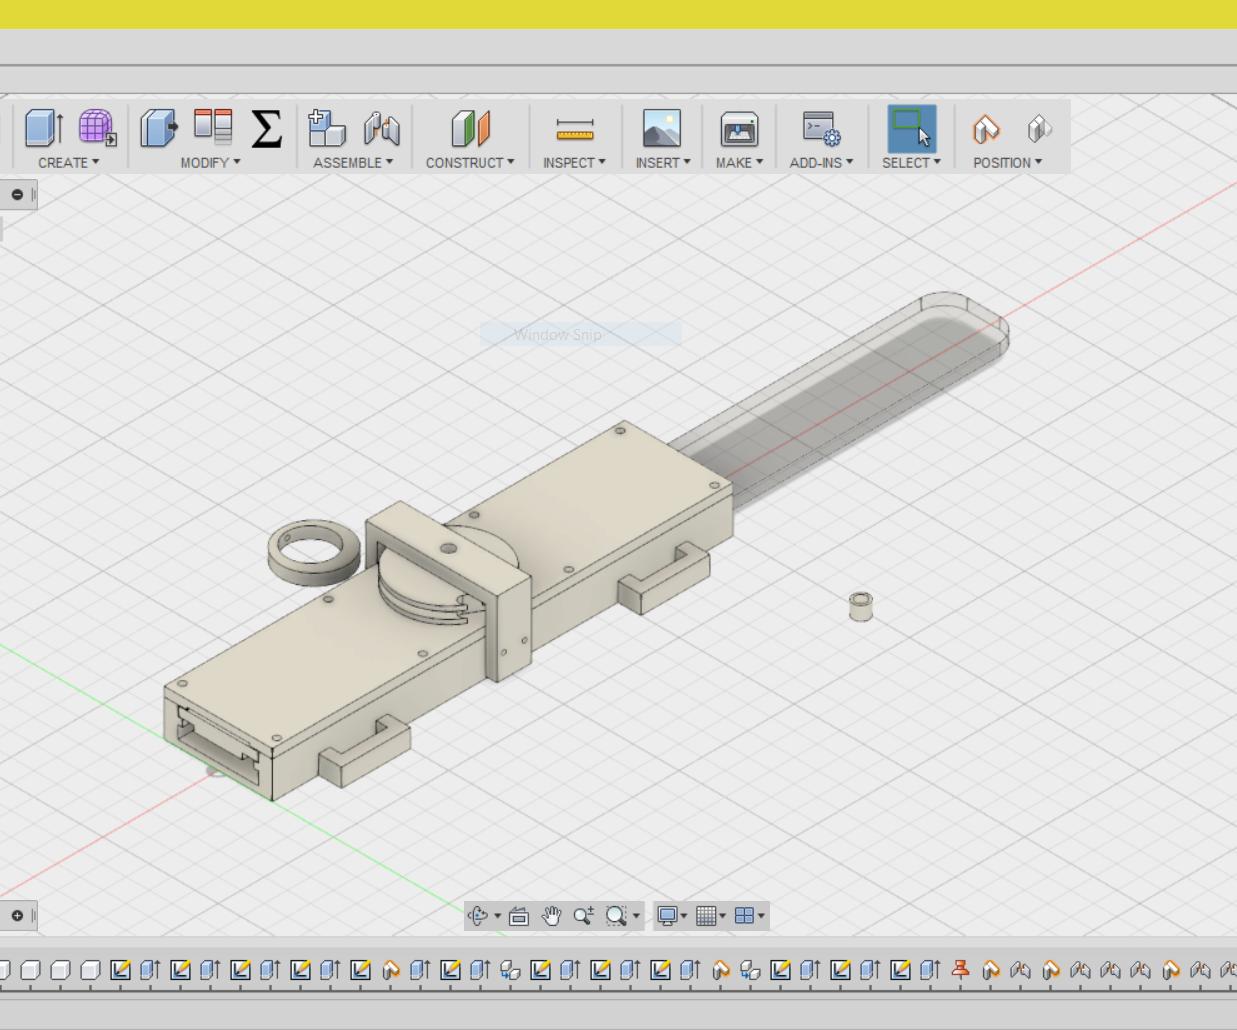 3D Printed Hidden Blade - Fusion 360 Design